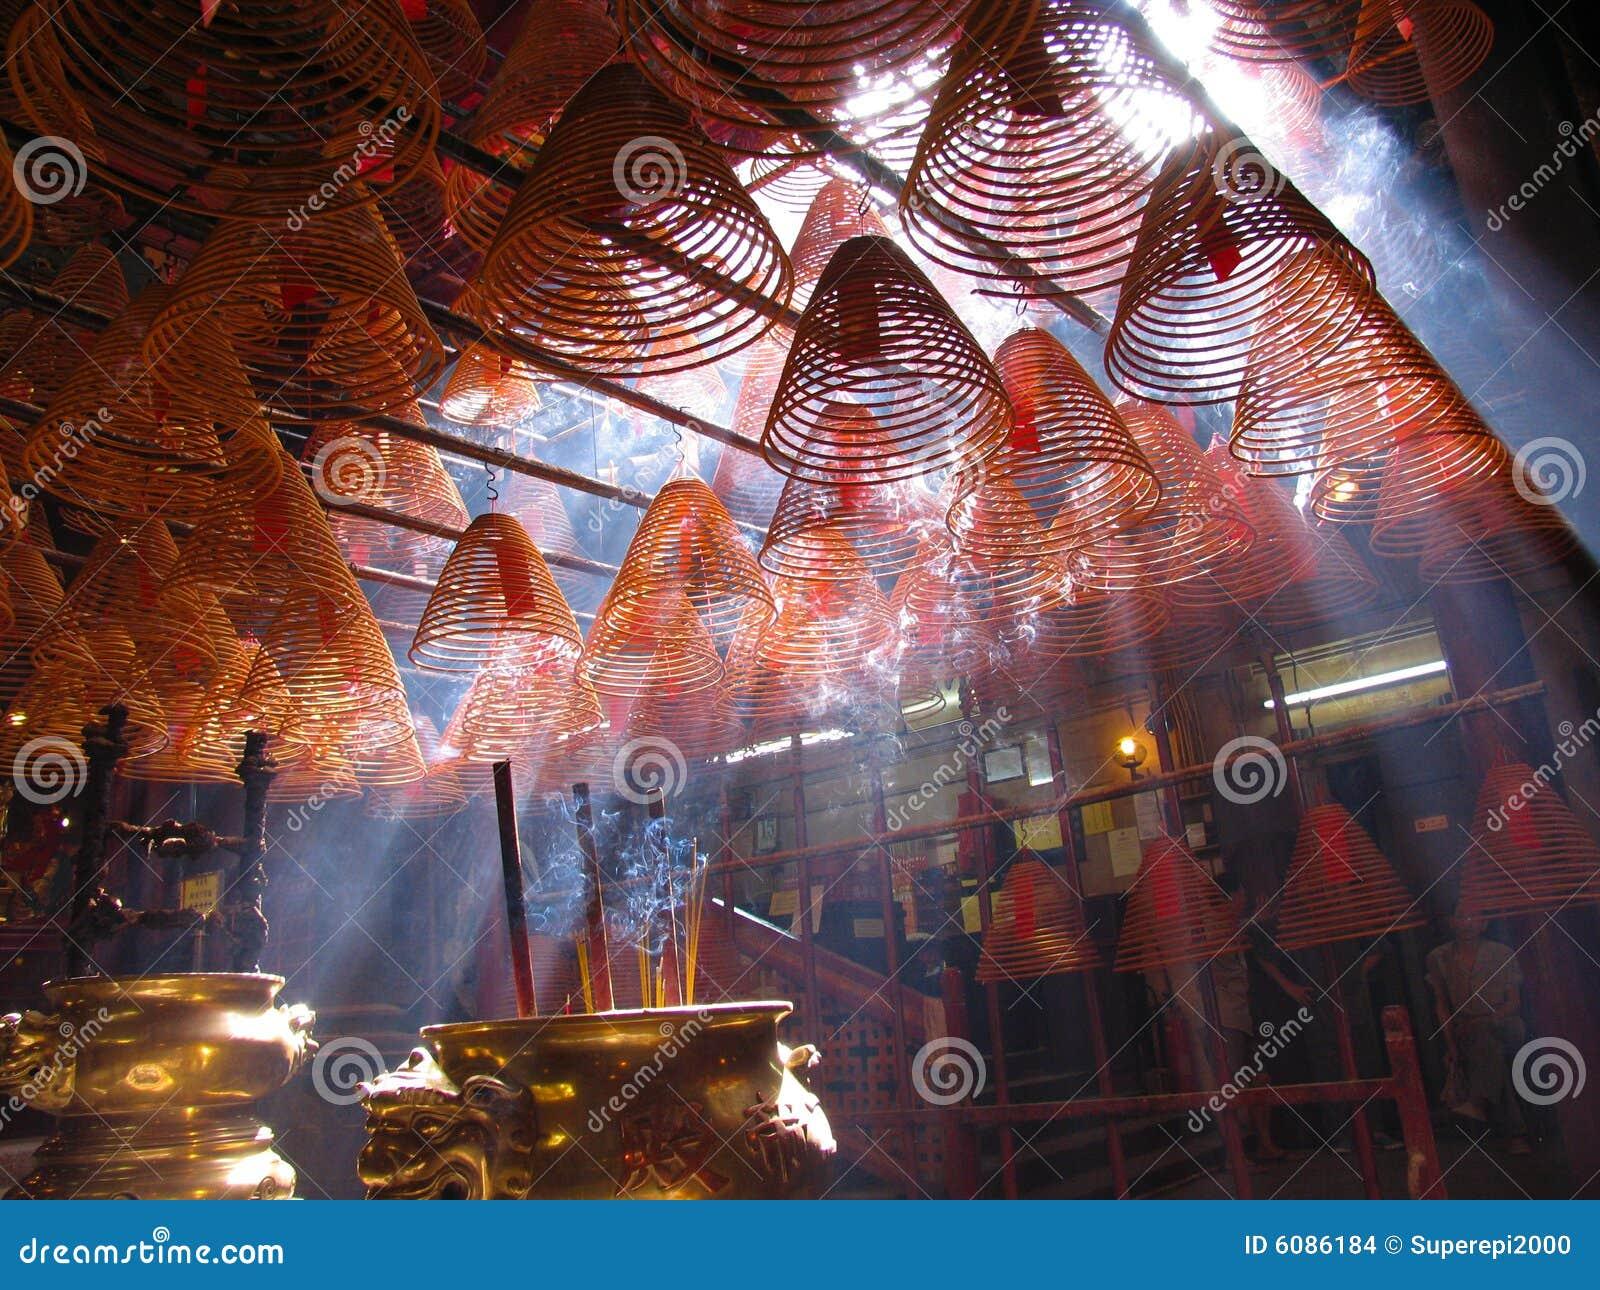 Incense coils in Man Mo Temple. Hong Kong.